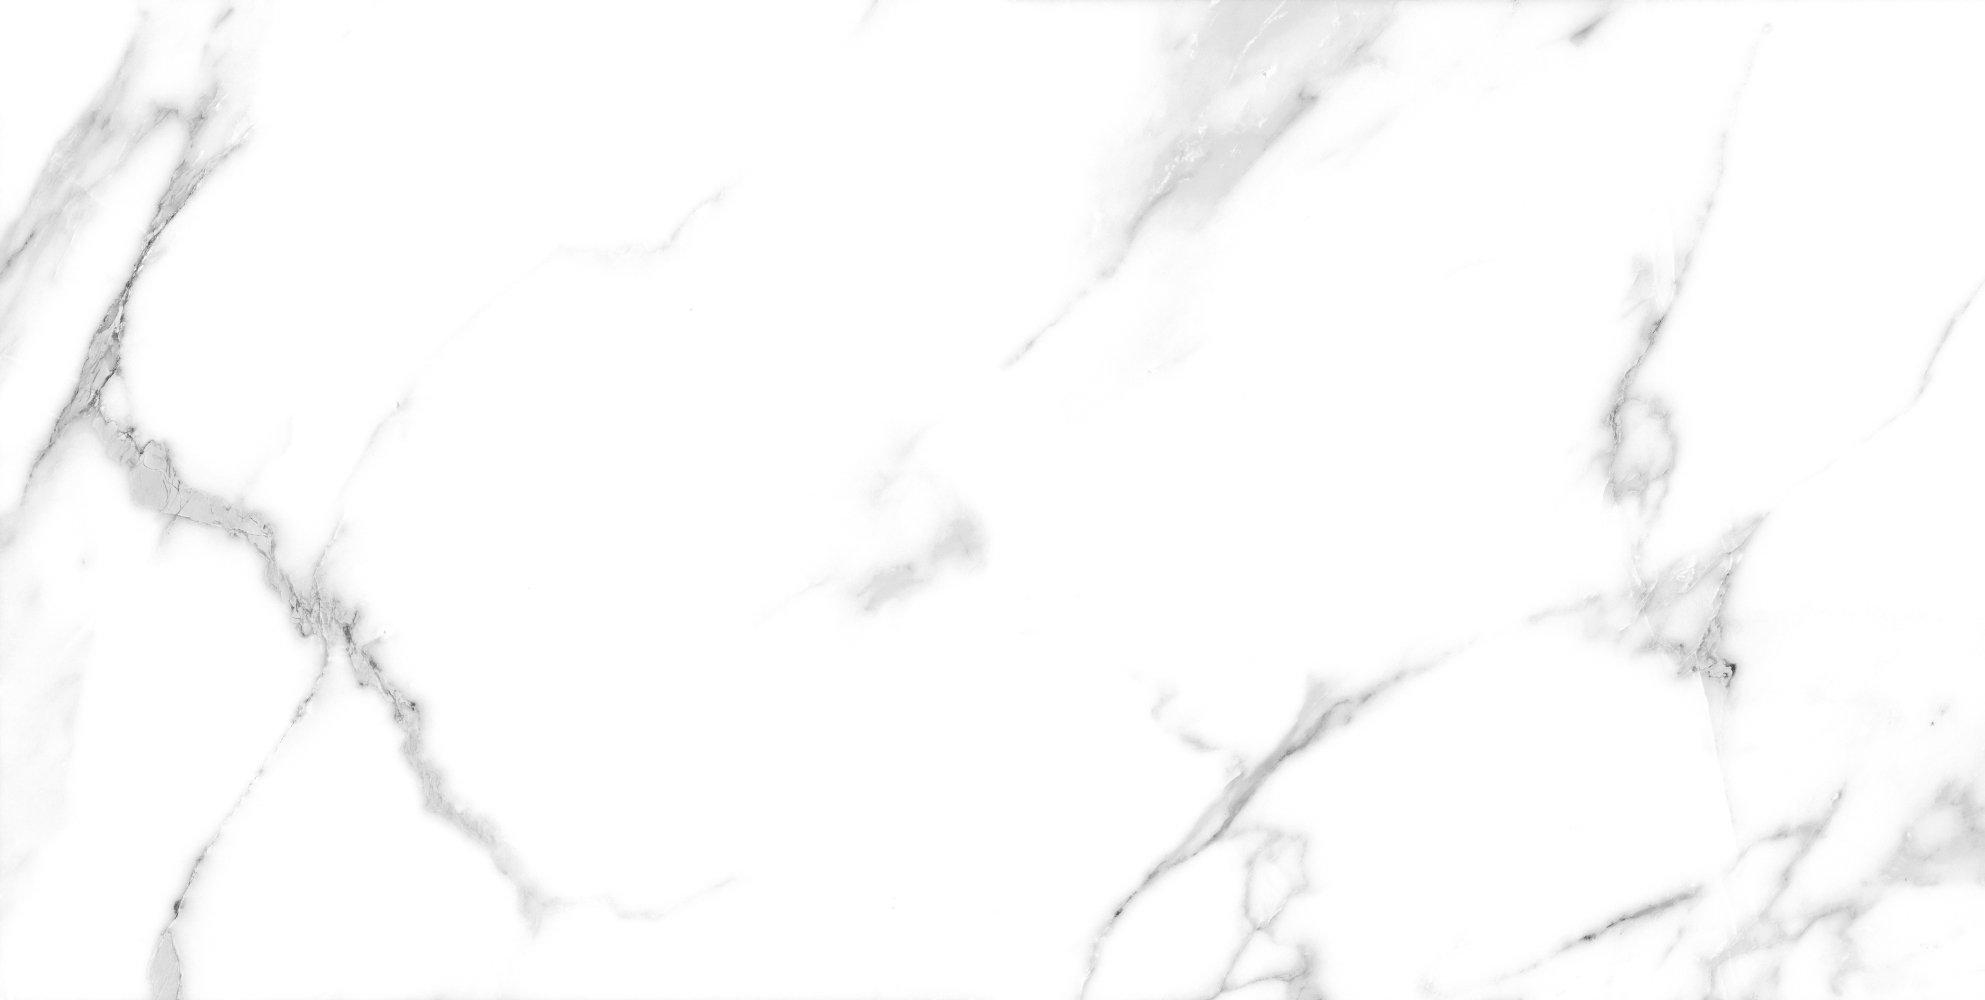 Faianță pentru baie Ecoceramic Casablanca Casablanca 600x1200 lucioasă alb / 2